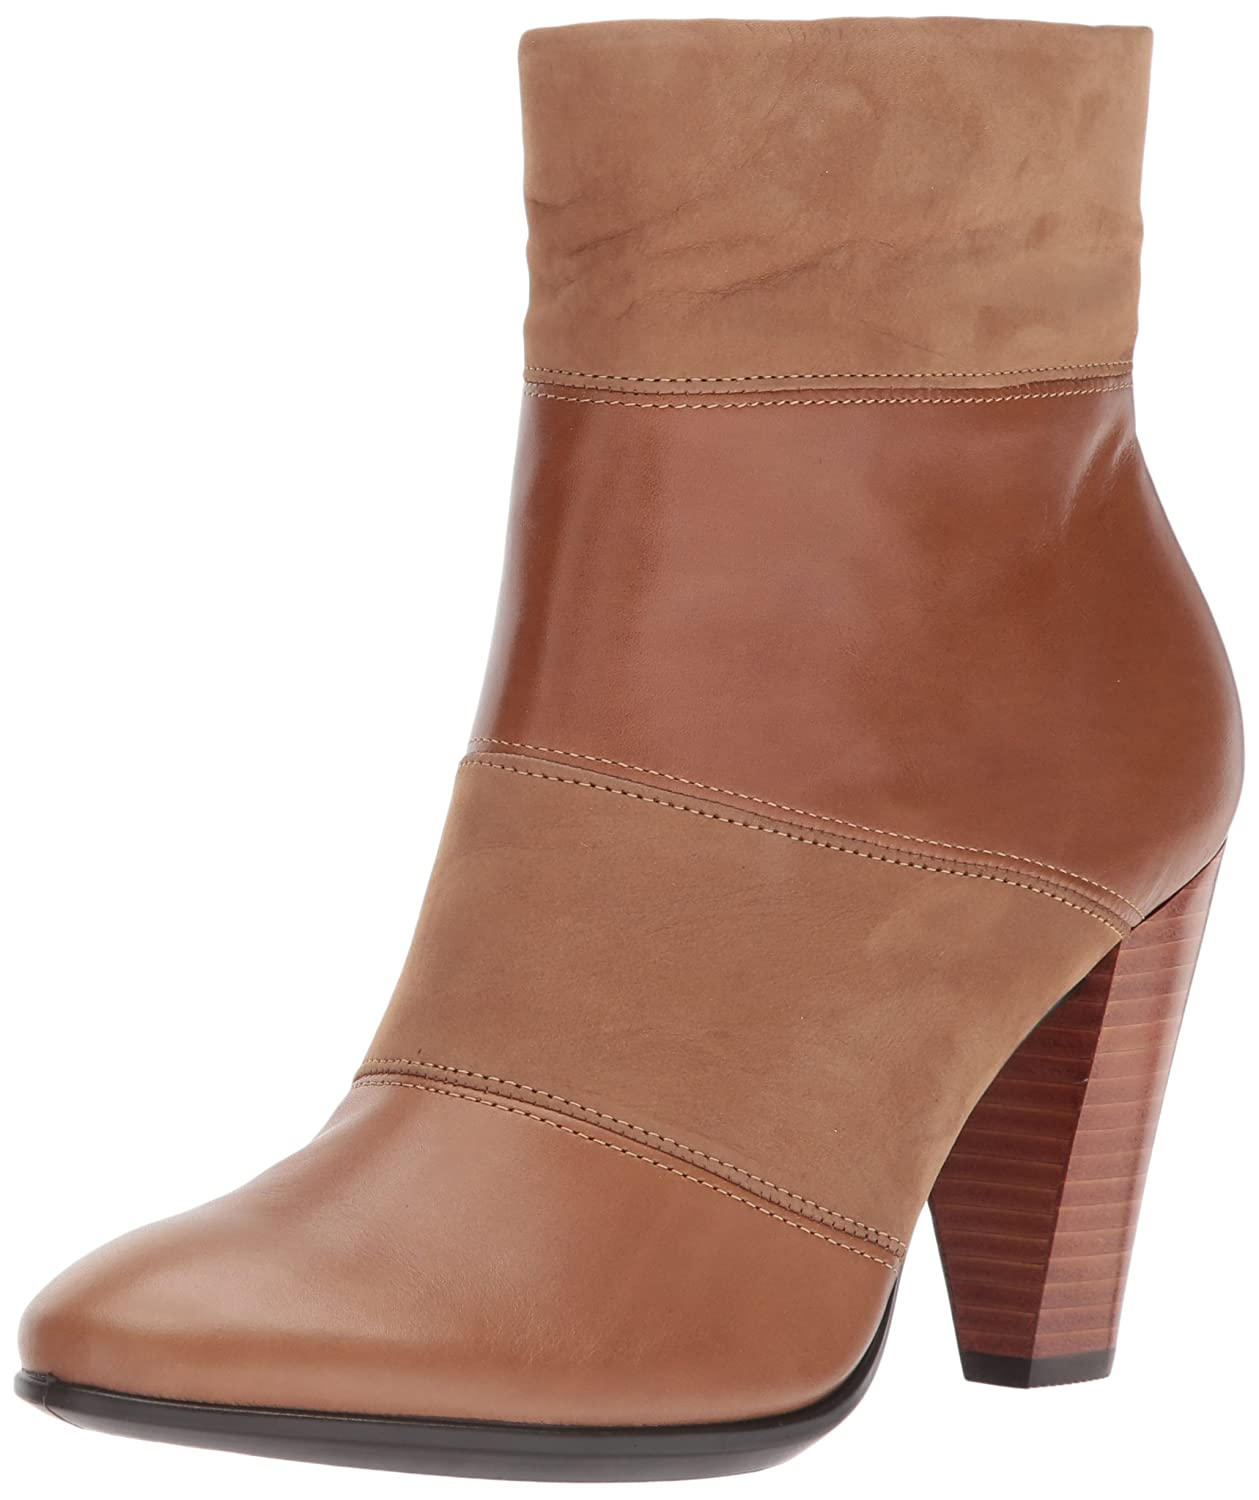 ECCO Women's Women's Shape 75 Modern Ankle Bootie B01MSB0IIM 40 EU / 9-9.5 US|Camel/Camel